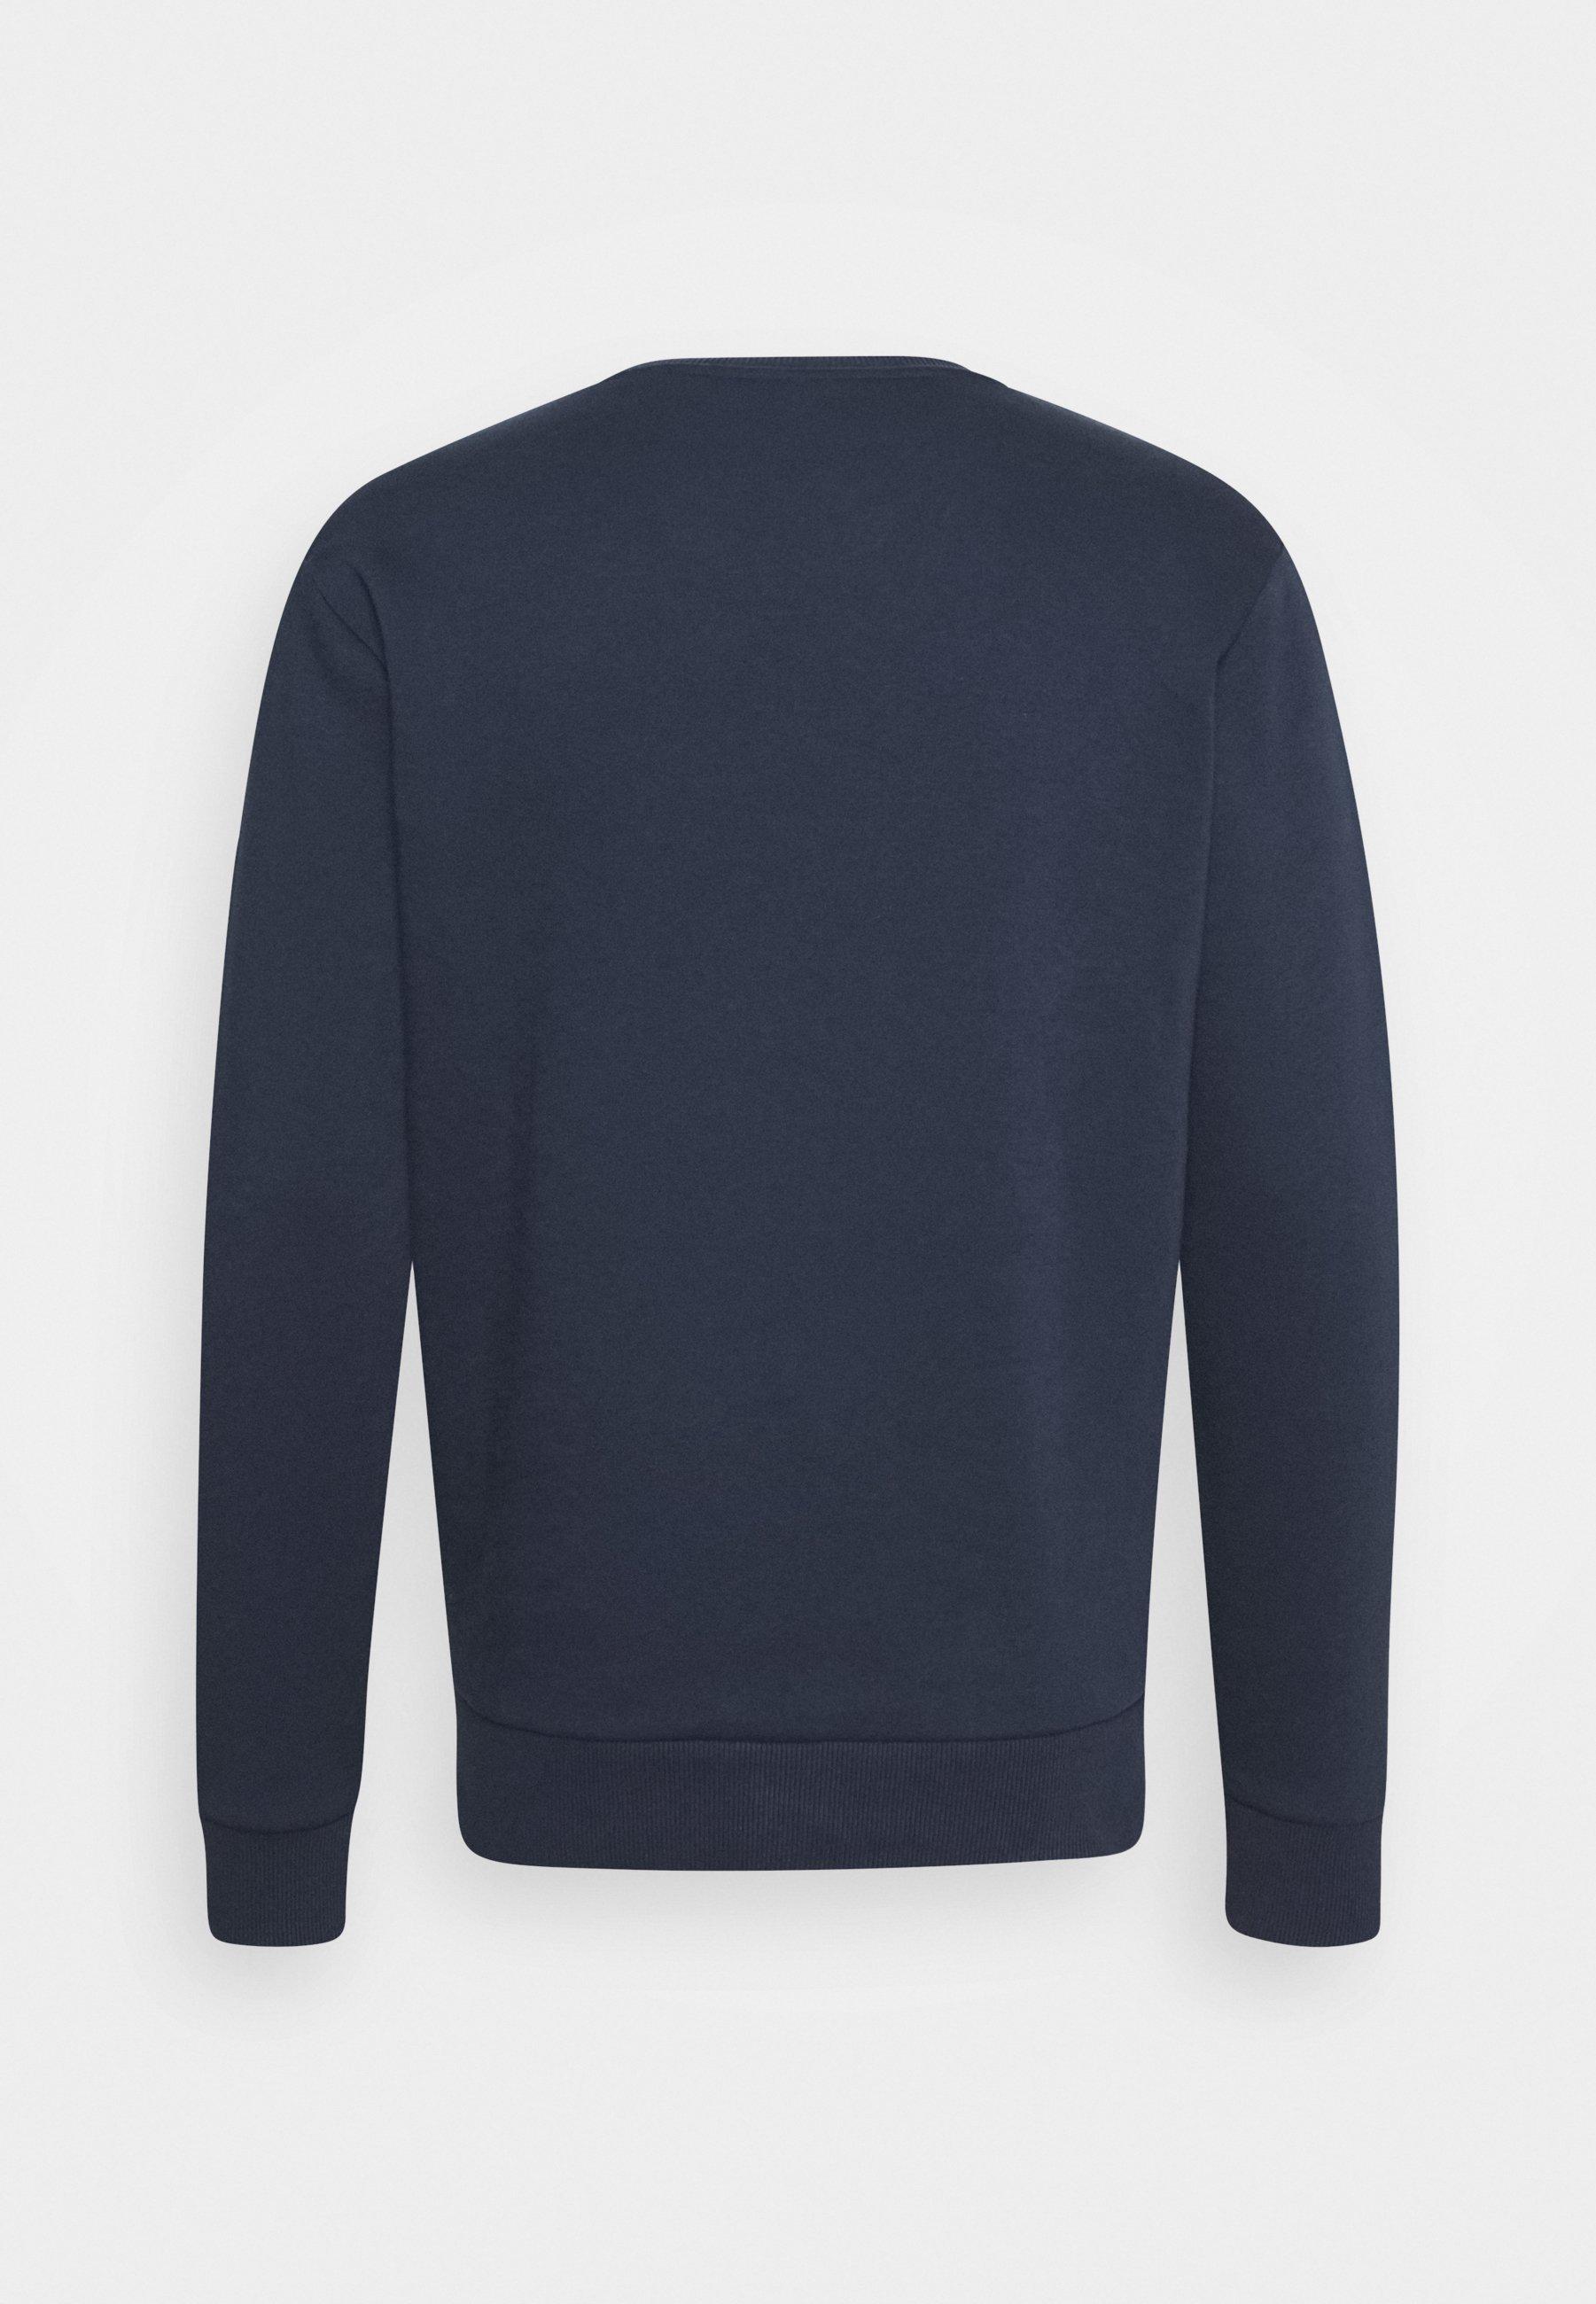 Closure London Fury Crewneck - Sweatshirt Navy/mørkeblå